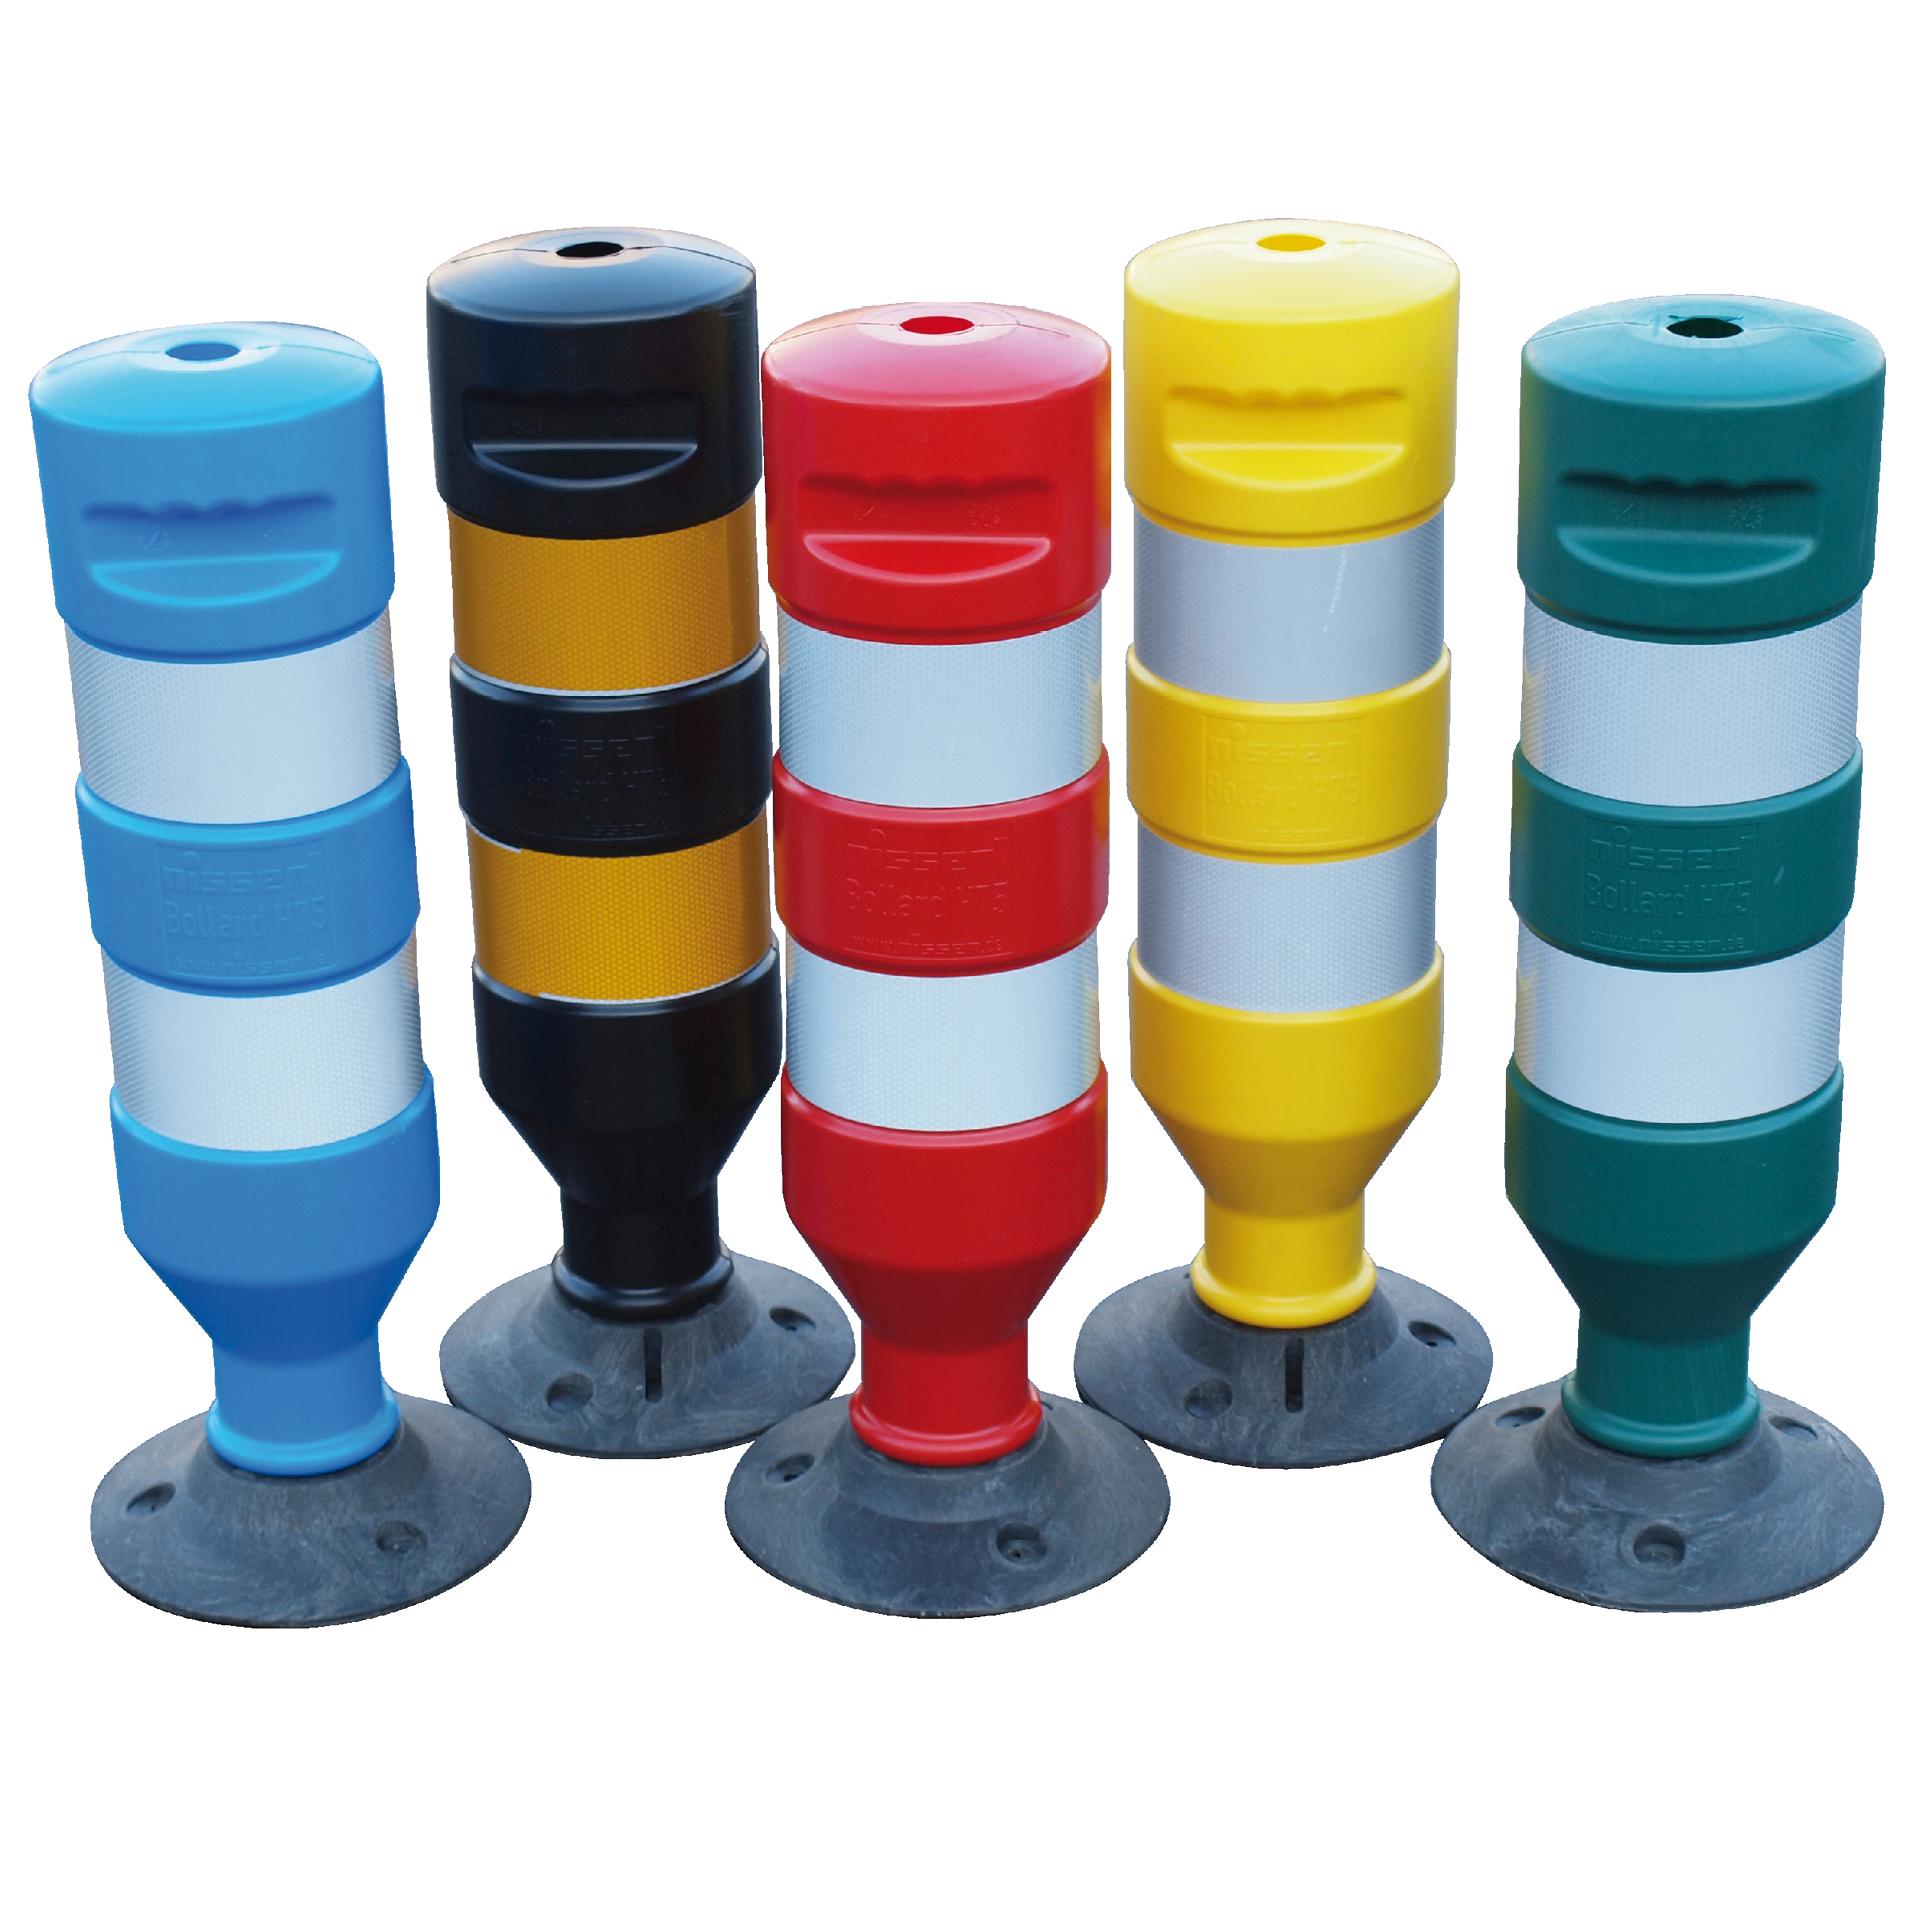 Kunststoffpfosten in 5 verschiedenen Farben!